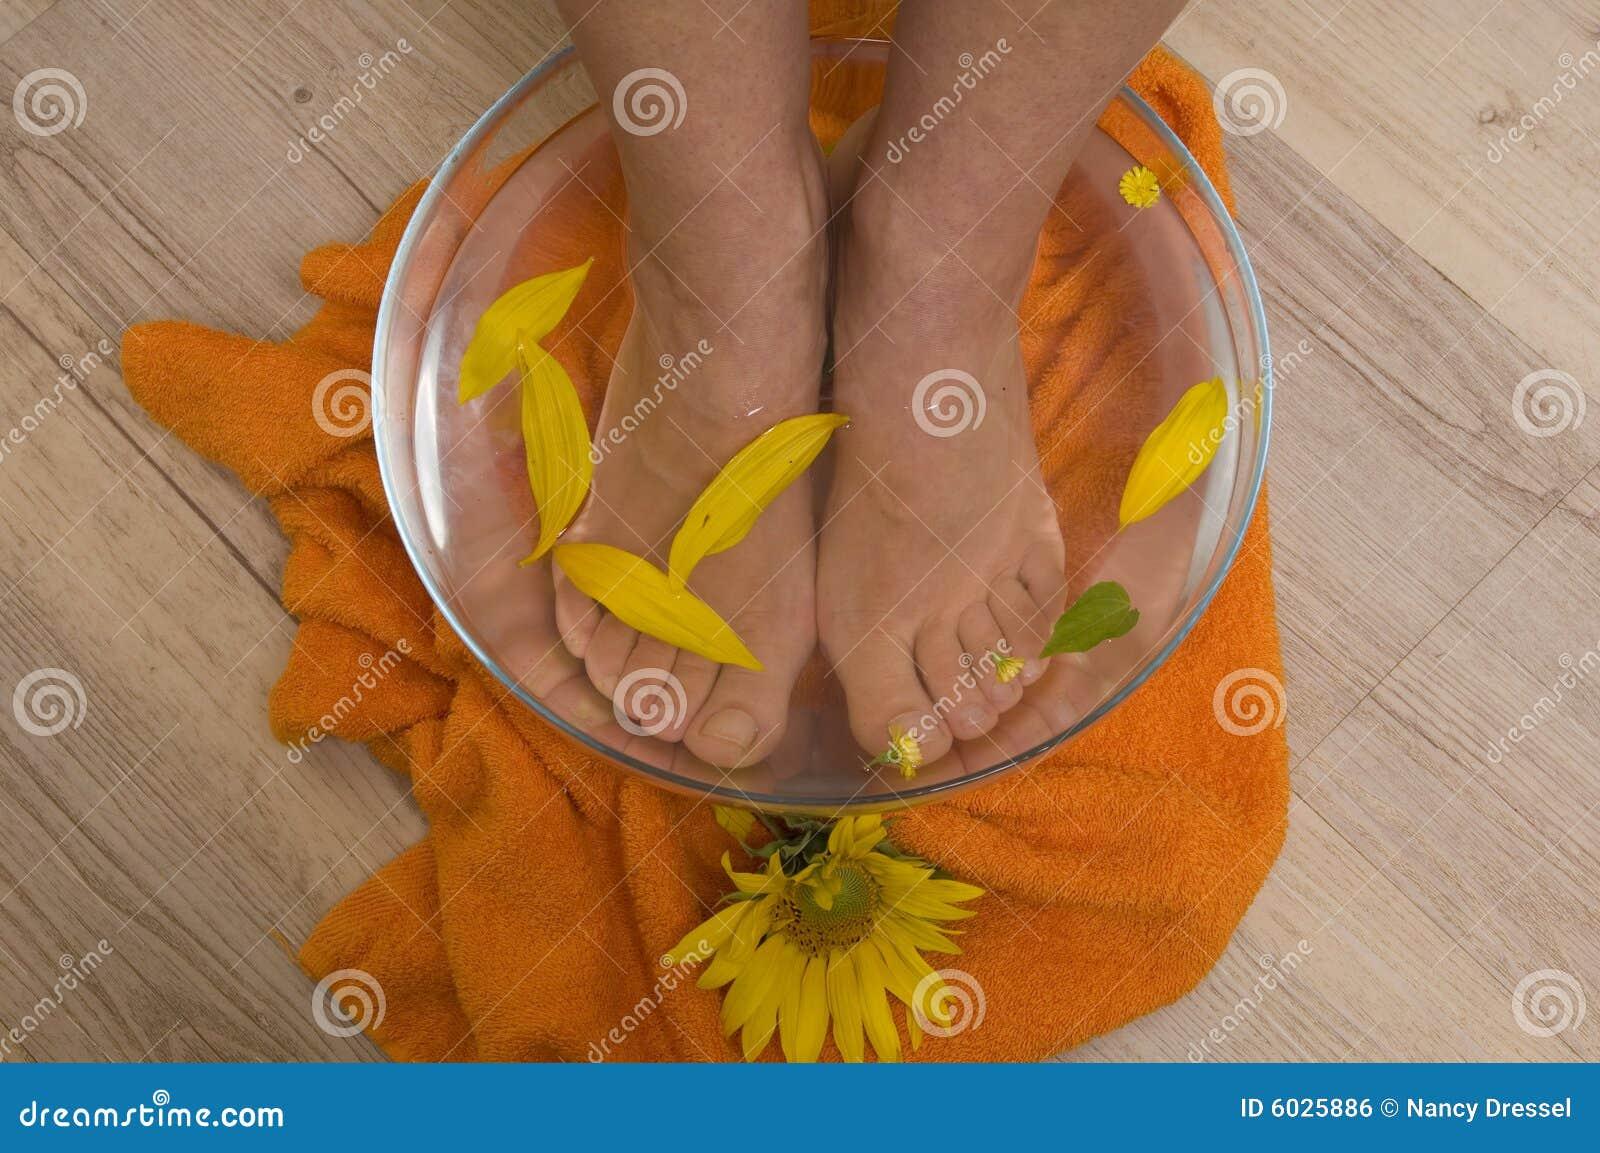 Aromatherapy for feet